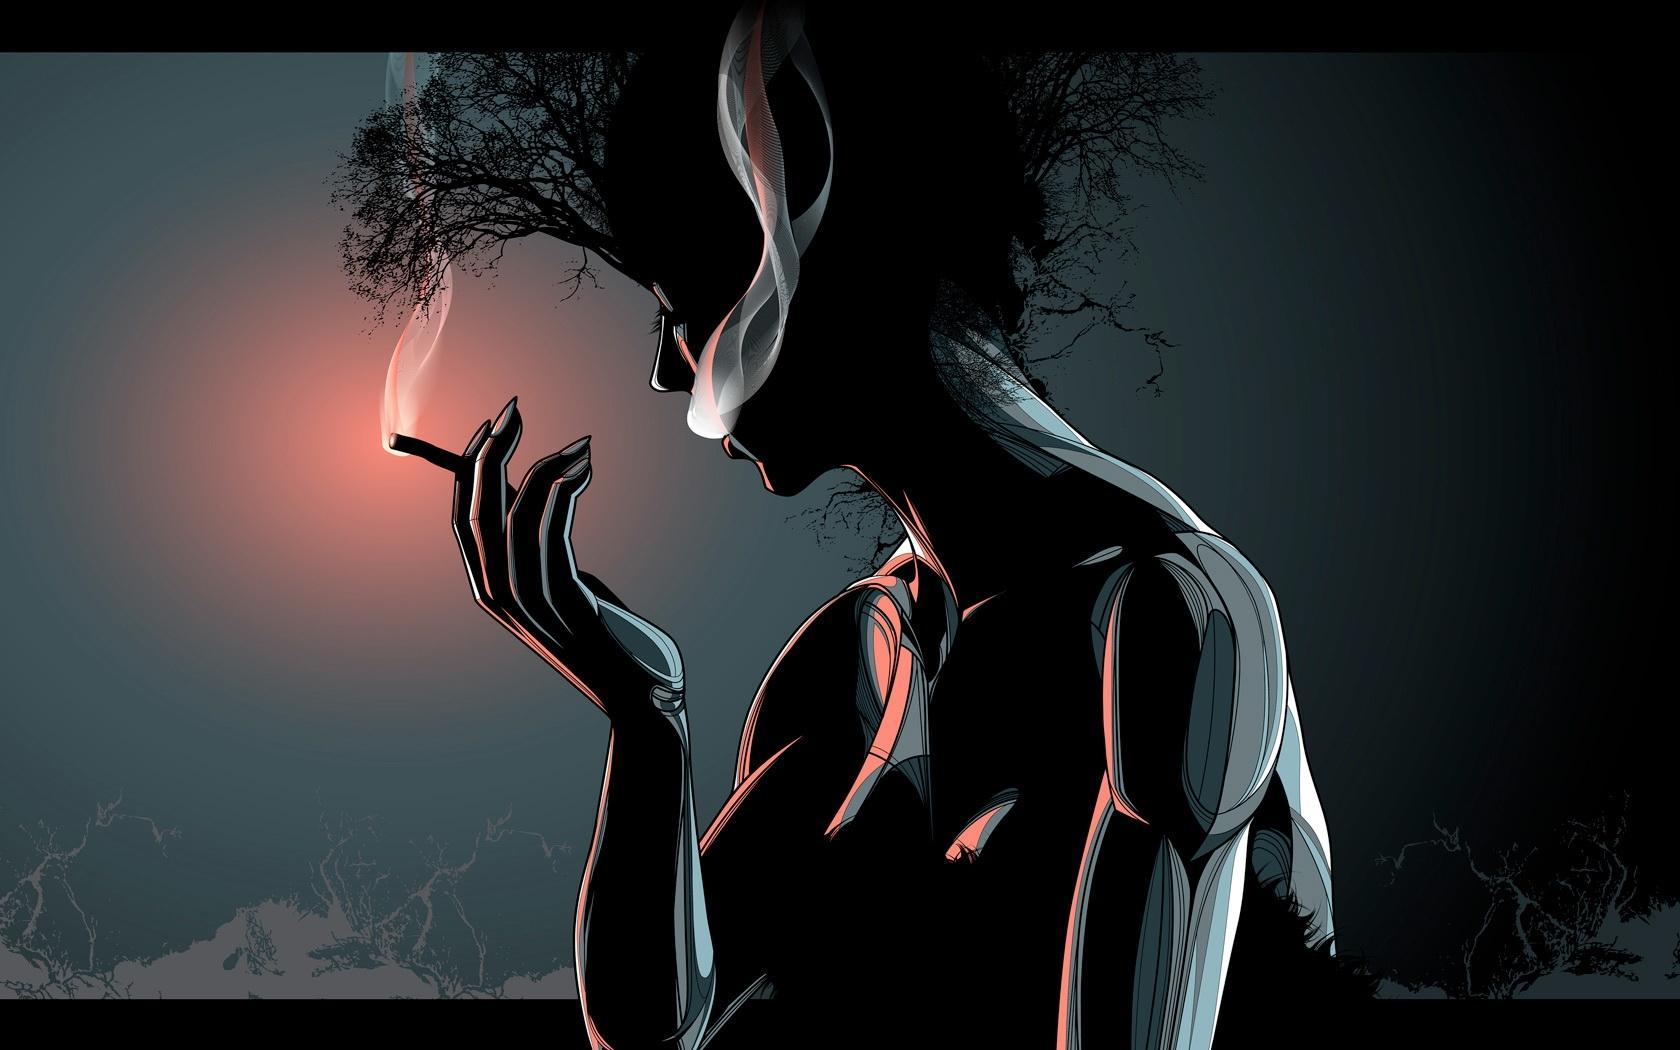 Anime Smoking